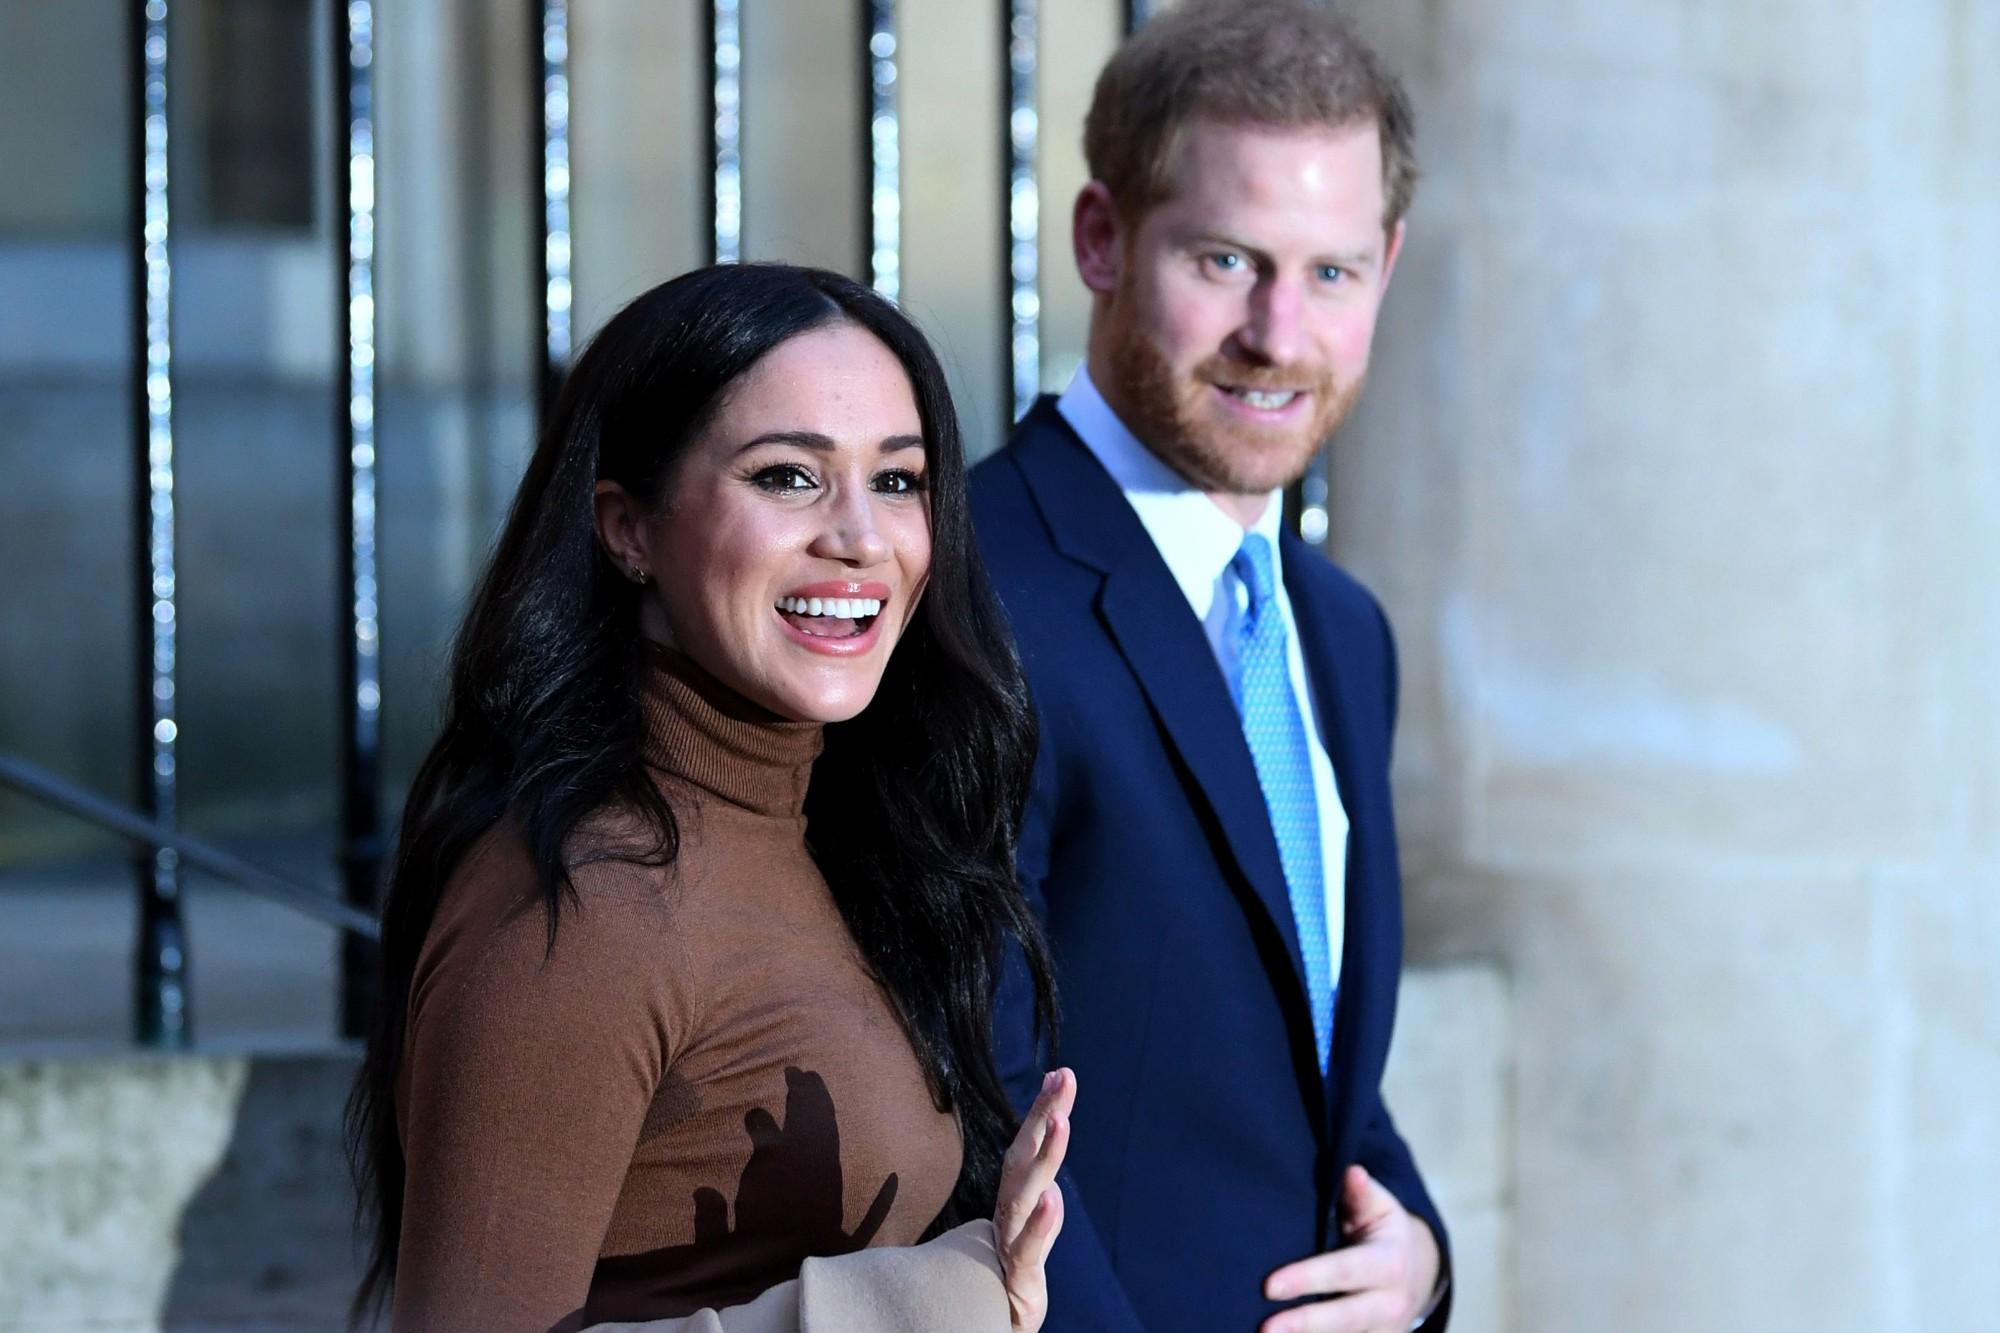 Meghan Markle et le prince Harry viennent de signer un mystérieux contrat avec une agence de communication réputée aux États-Unis.